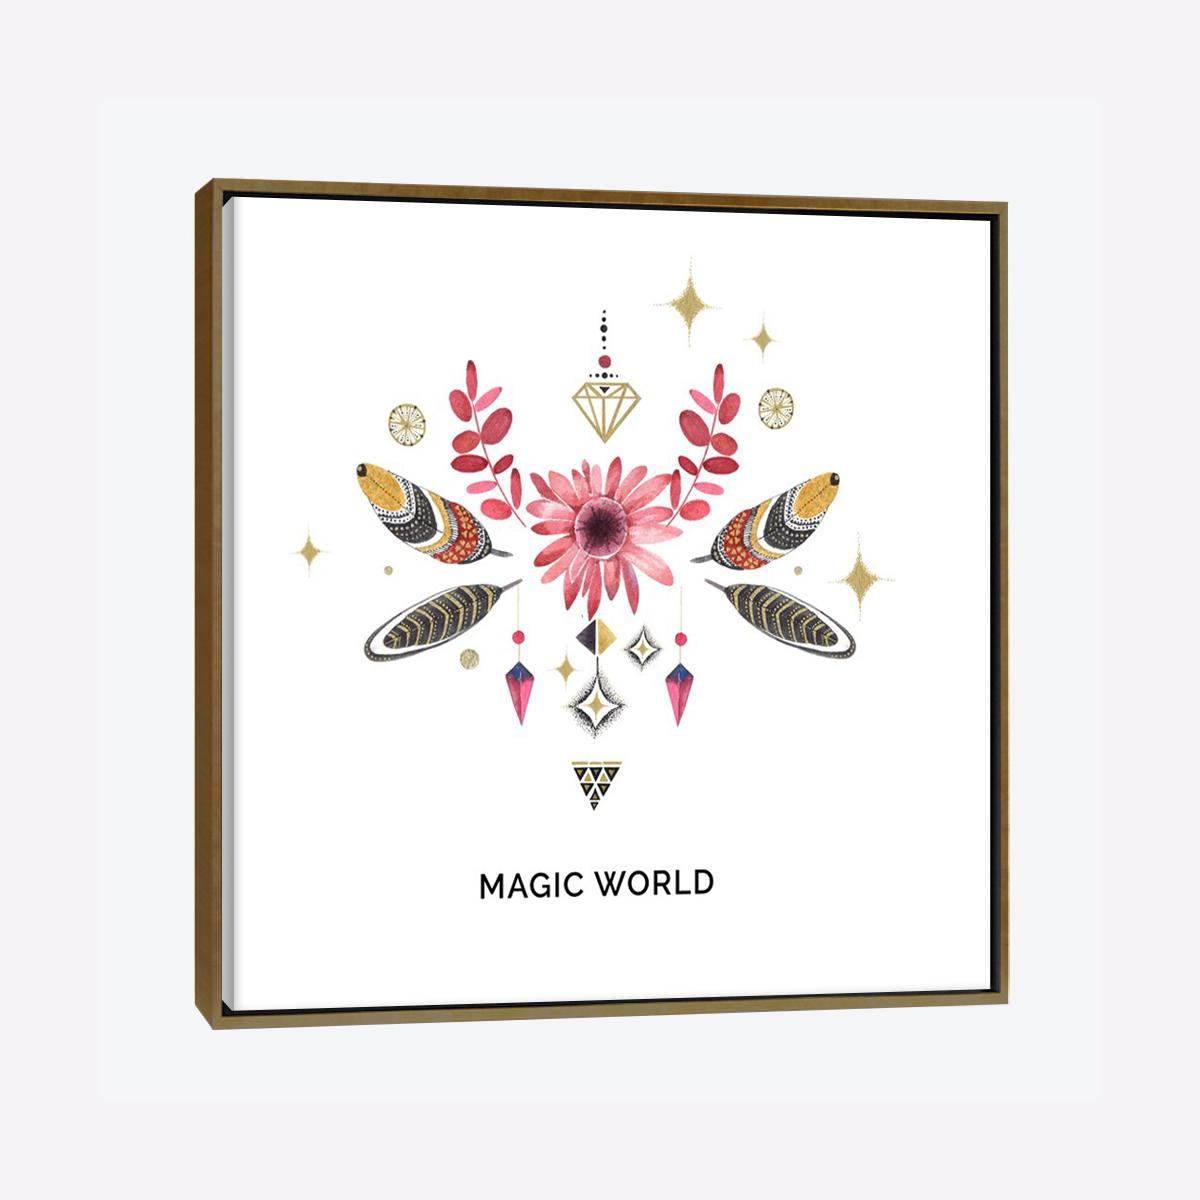 لوحات جدارية - ورد البوهيميا مع الأوراق المميزة بتصميم رائع - لوحات جدارية - لوحات فنية مميزة - لوحة حائط مفعمة بألوان الأزهار والروح الطبيعية التي تبعثها لوحات الأزهار الفنية حيث تعطي سلام وذوق رفيع يتناسب مع جميع أثاثكم